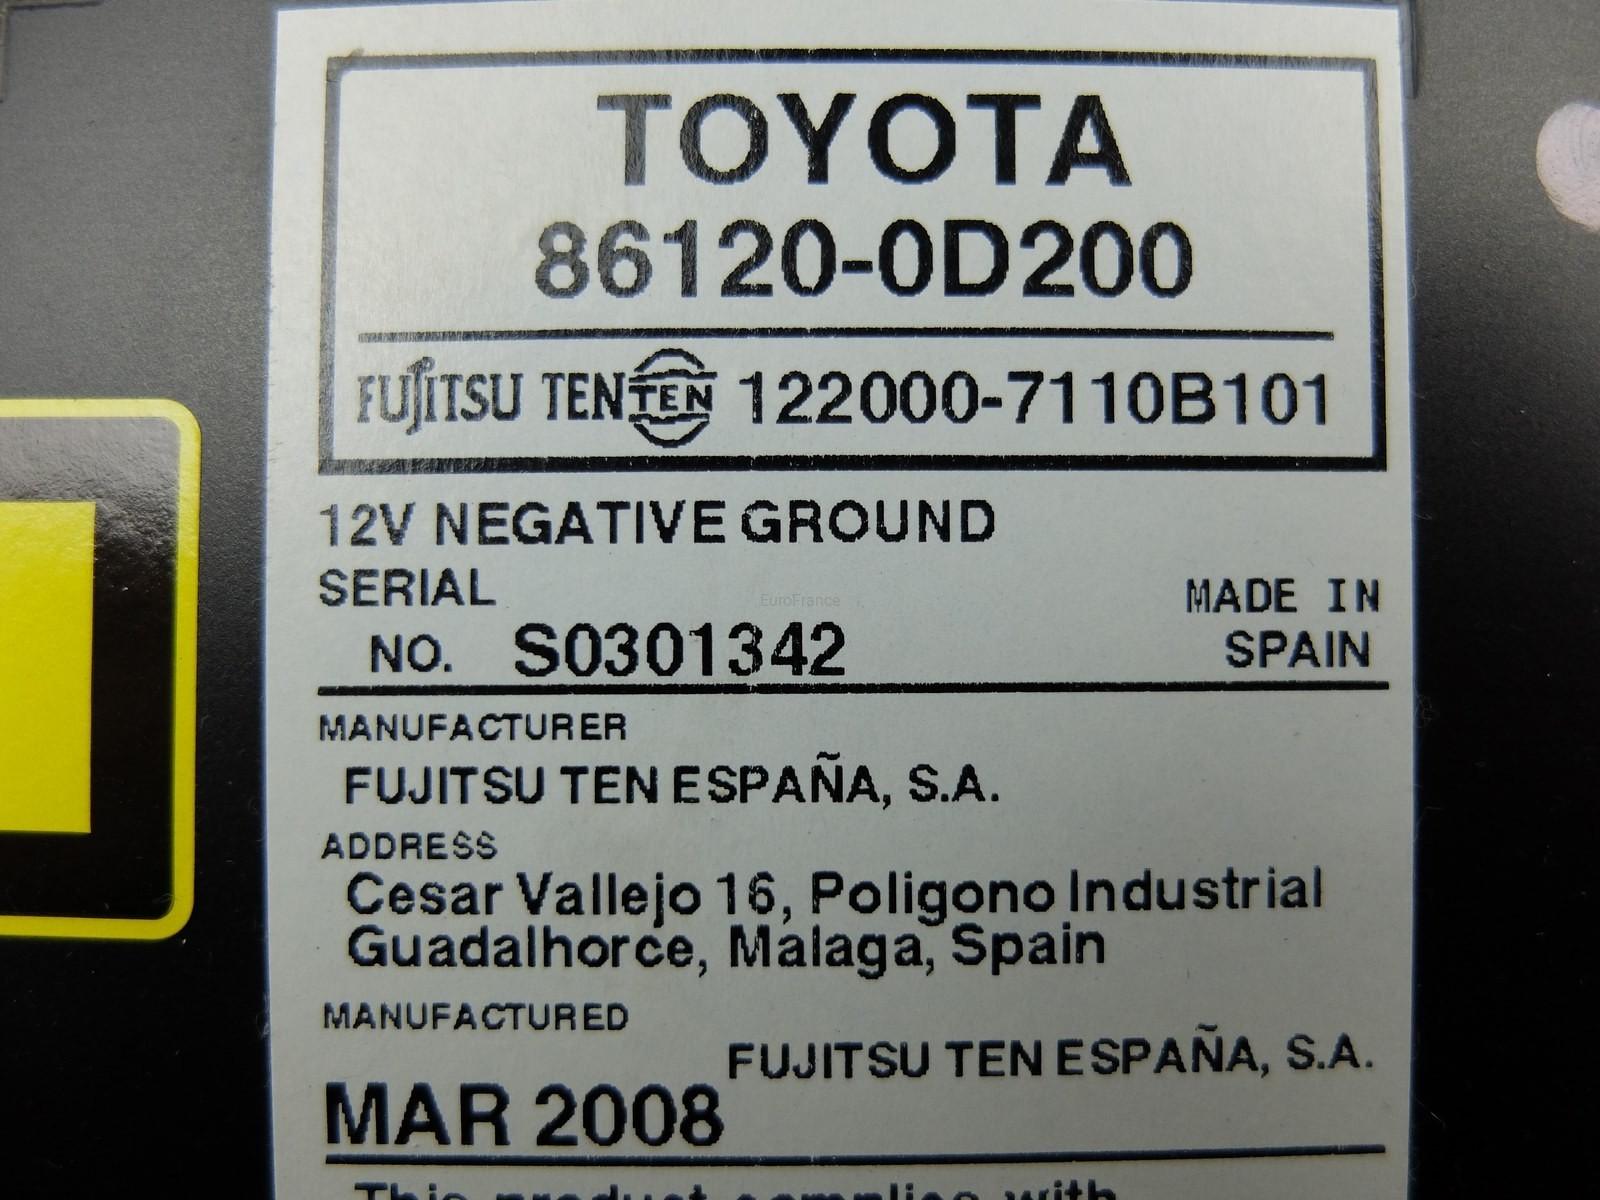 fujitsu ten bz120 unique cd radio player toyota yaris 0d200 7110b101 strona of fujitsu ten bz120